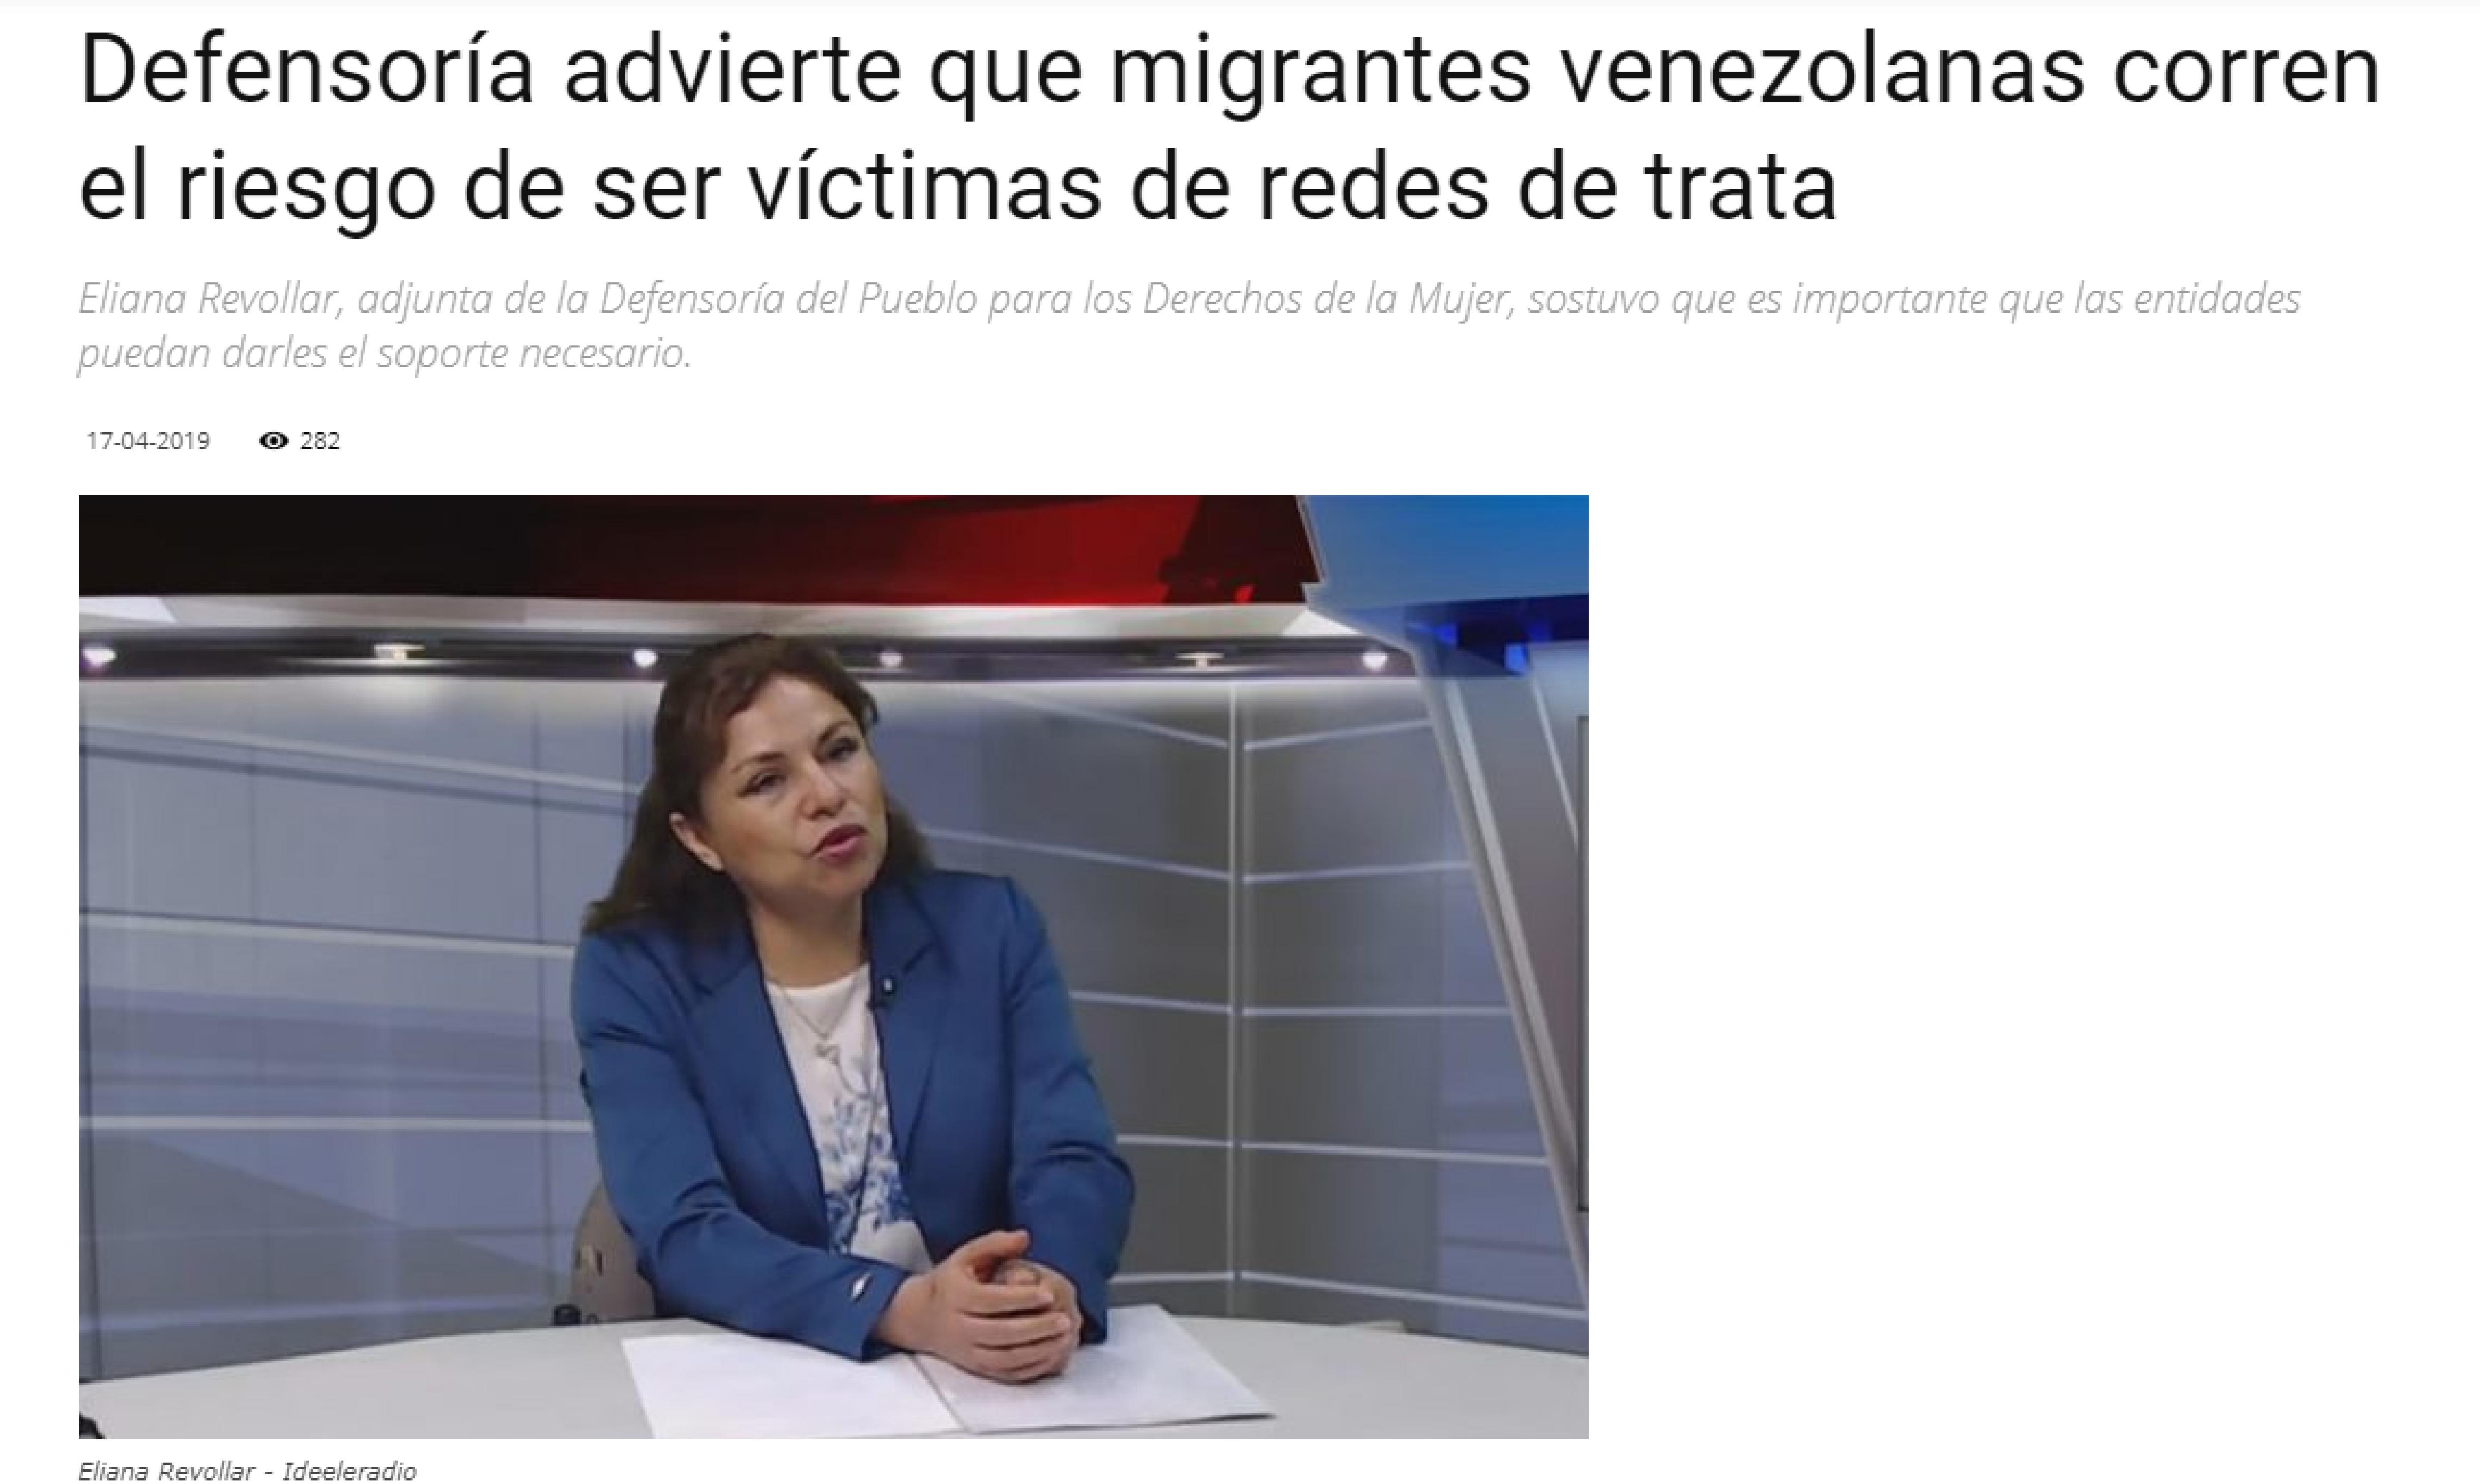 Defensoría advierte que migrantes venezolanas corren el riesgo de ser víctimas de redes de trata